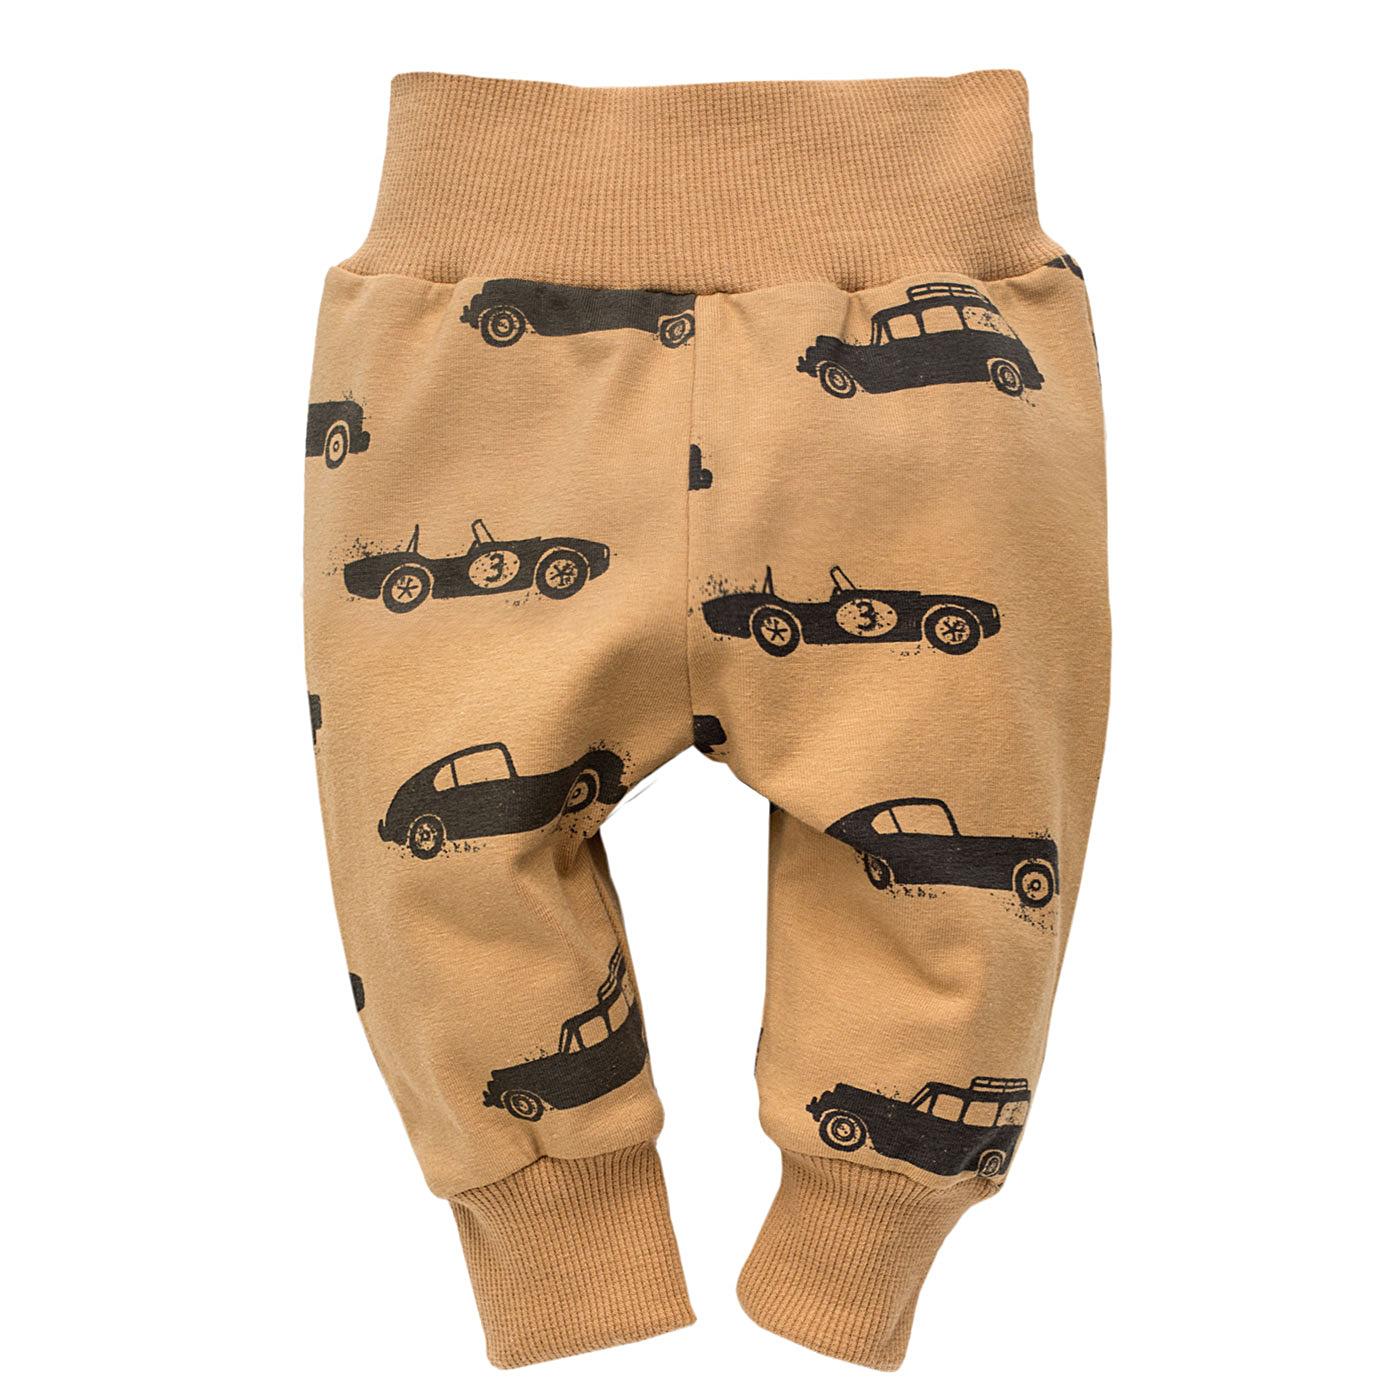 Spodnie dresowe chłopięce, brązowy karmelowy, old cars, pinokio Smyk 6402480